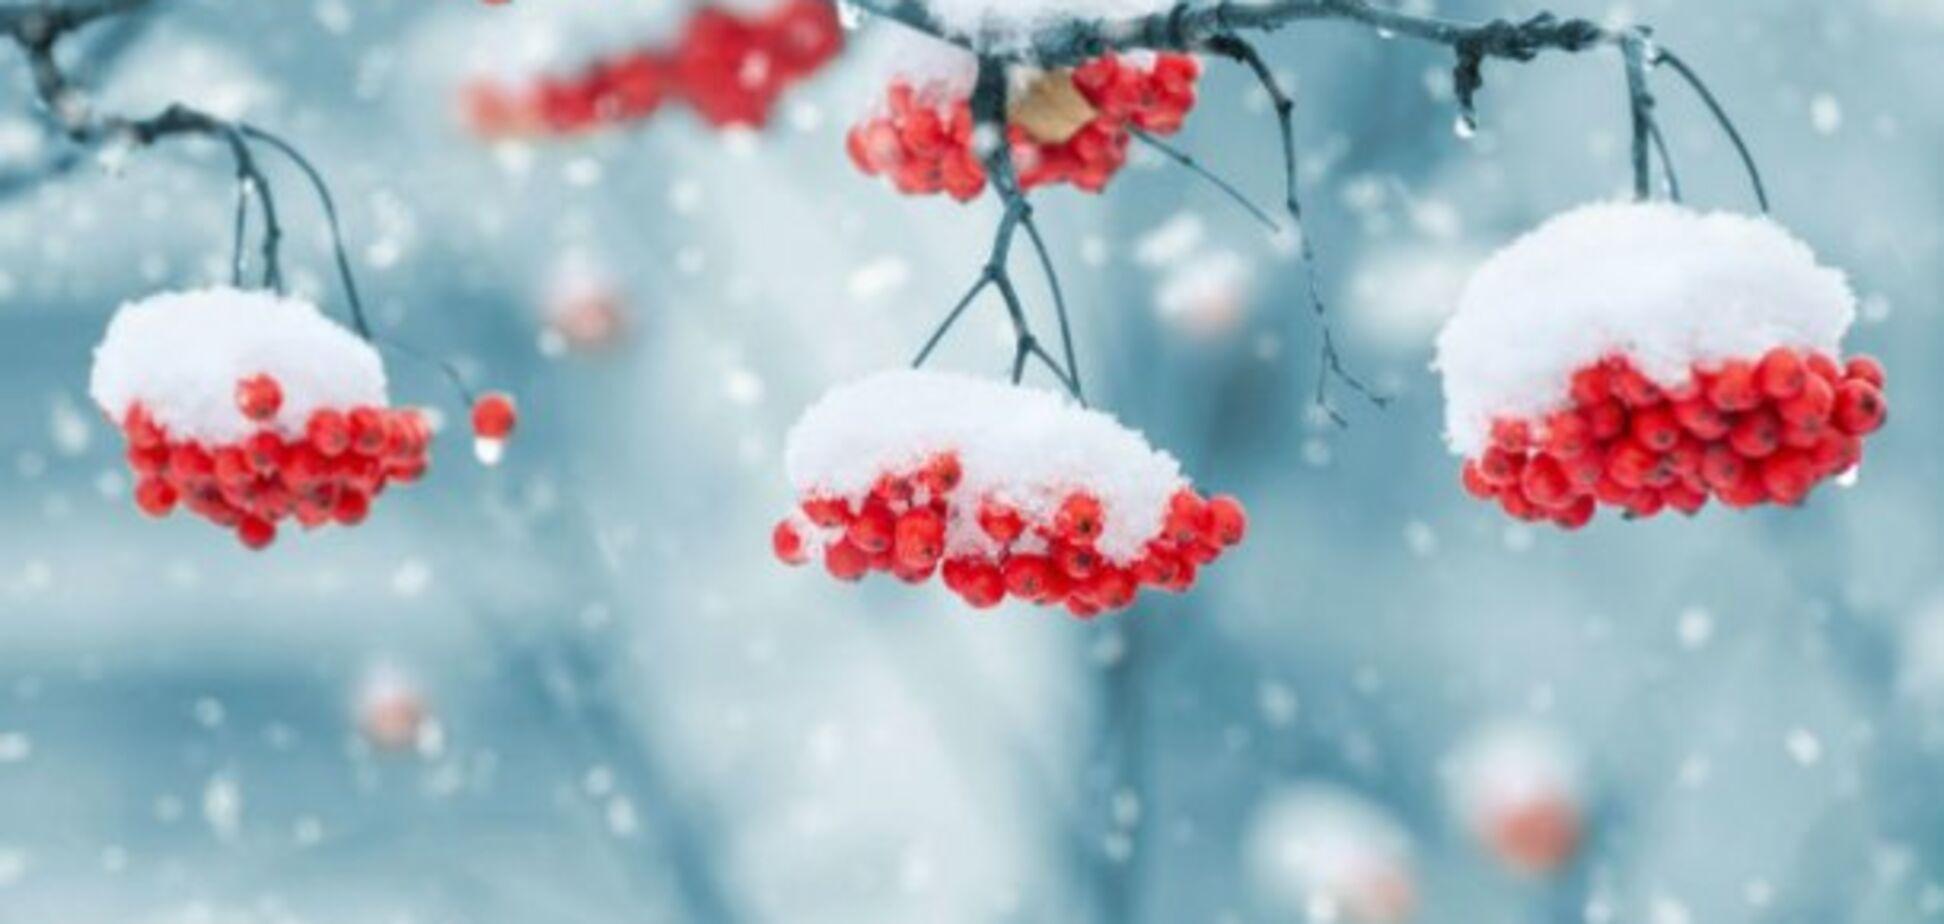 ТОП-5 самых полезных продуктов зимы